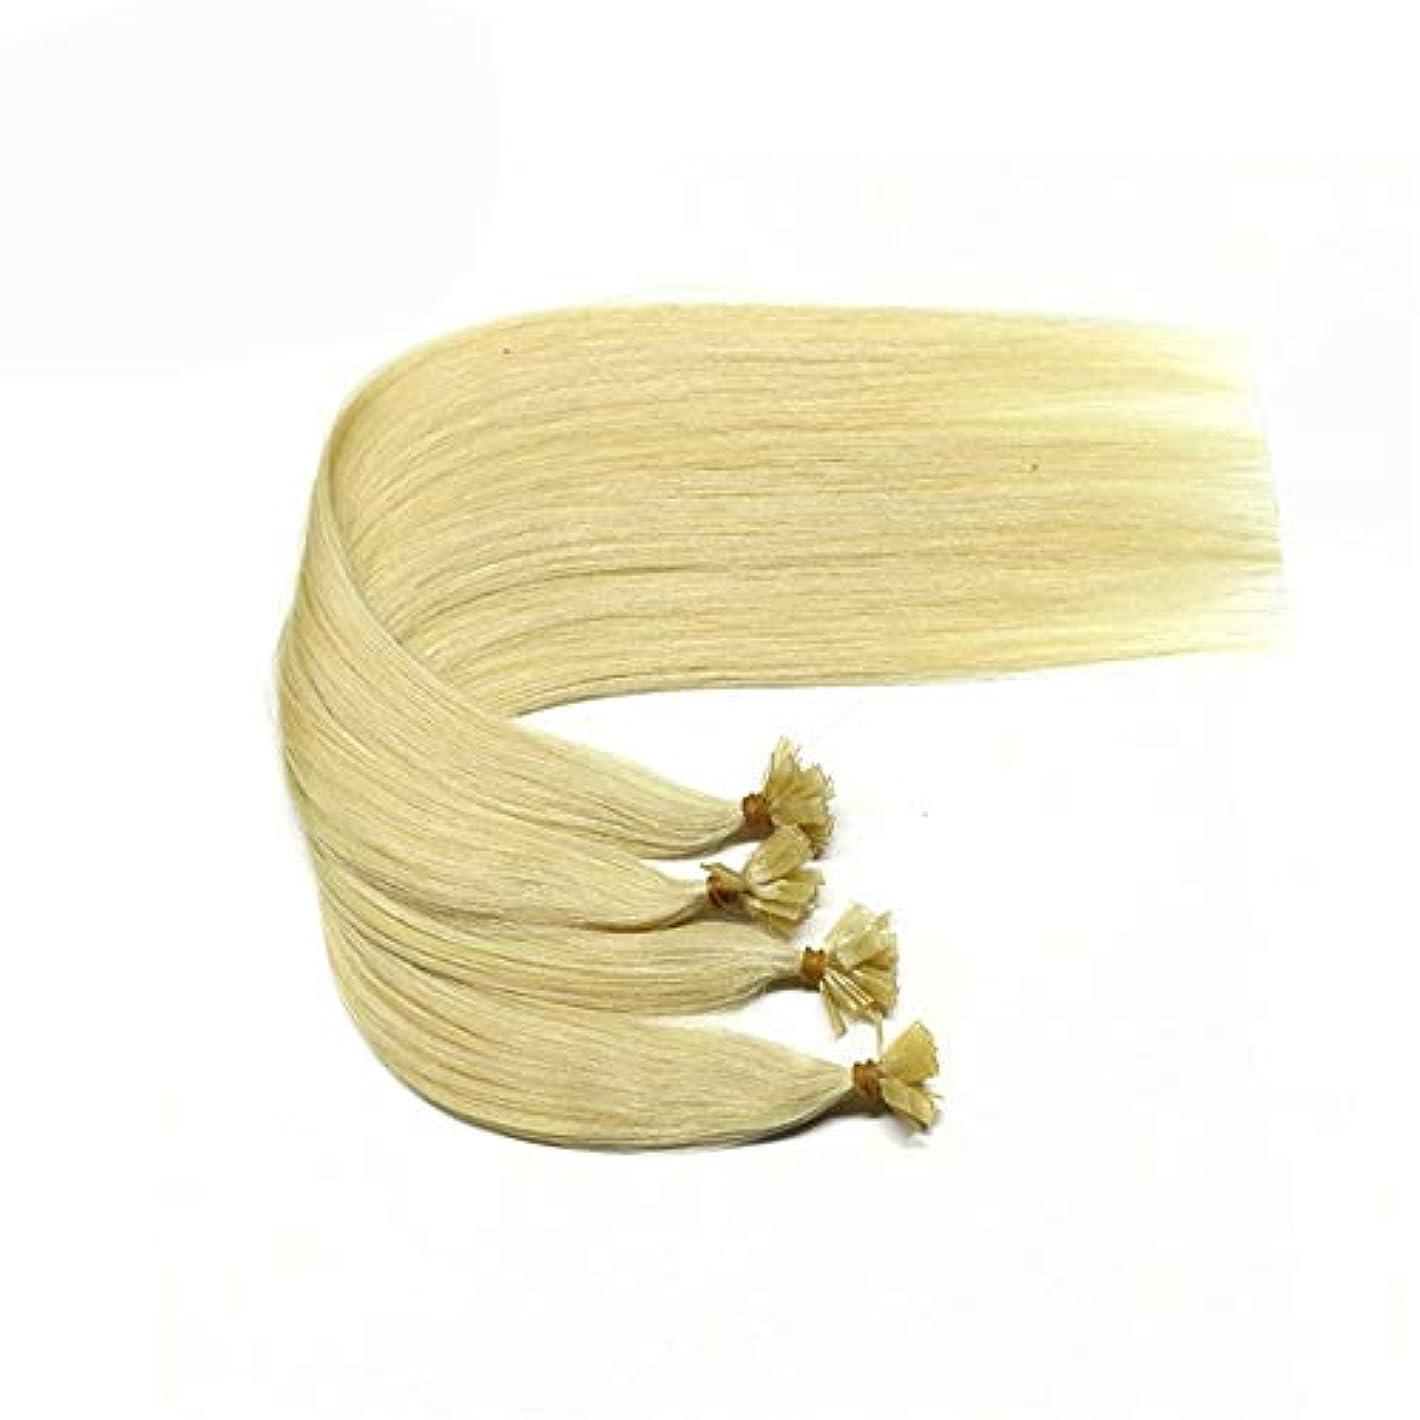 アレルギー性アロングトチの実の木JULYTER 事前結束人間の毛髪延長ブロンドグロス#613マイクロナノリングヘアエクステンション用女性 (色 : Blonde, サイズ : 26 inch)